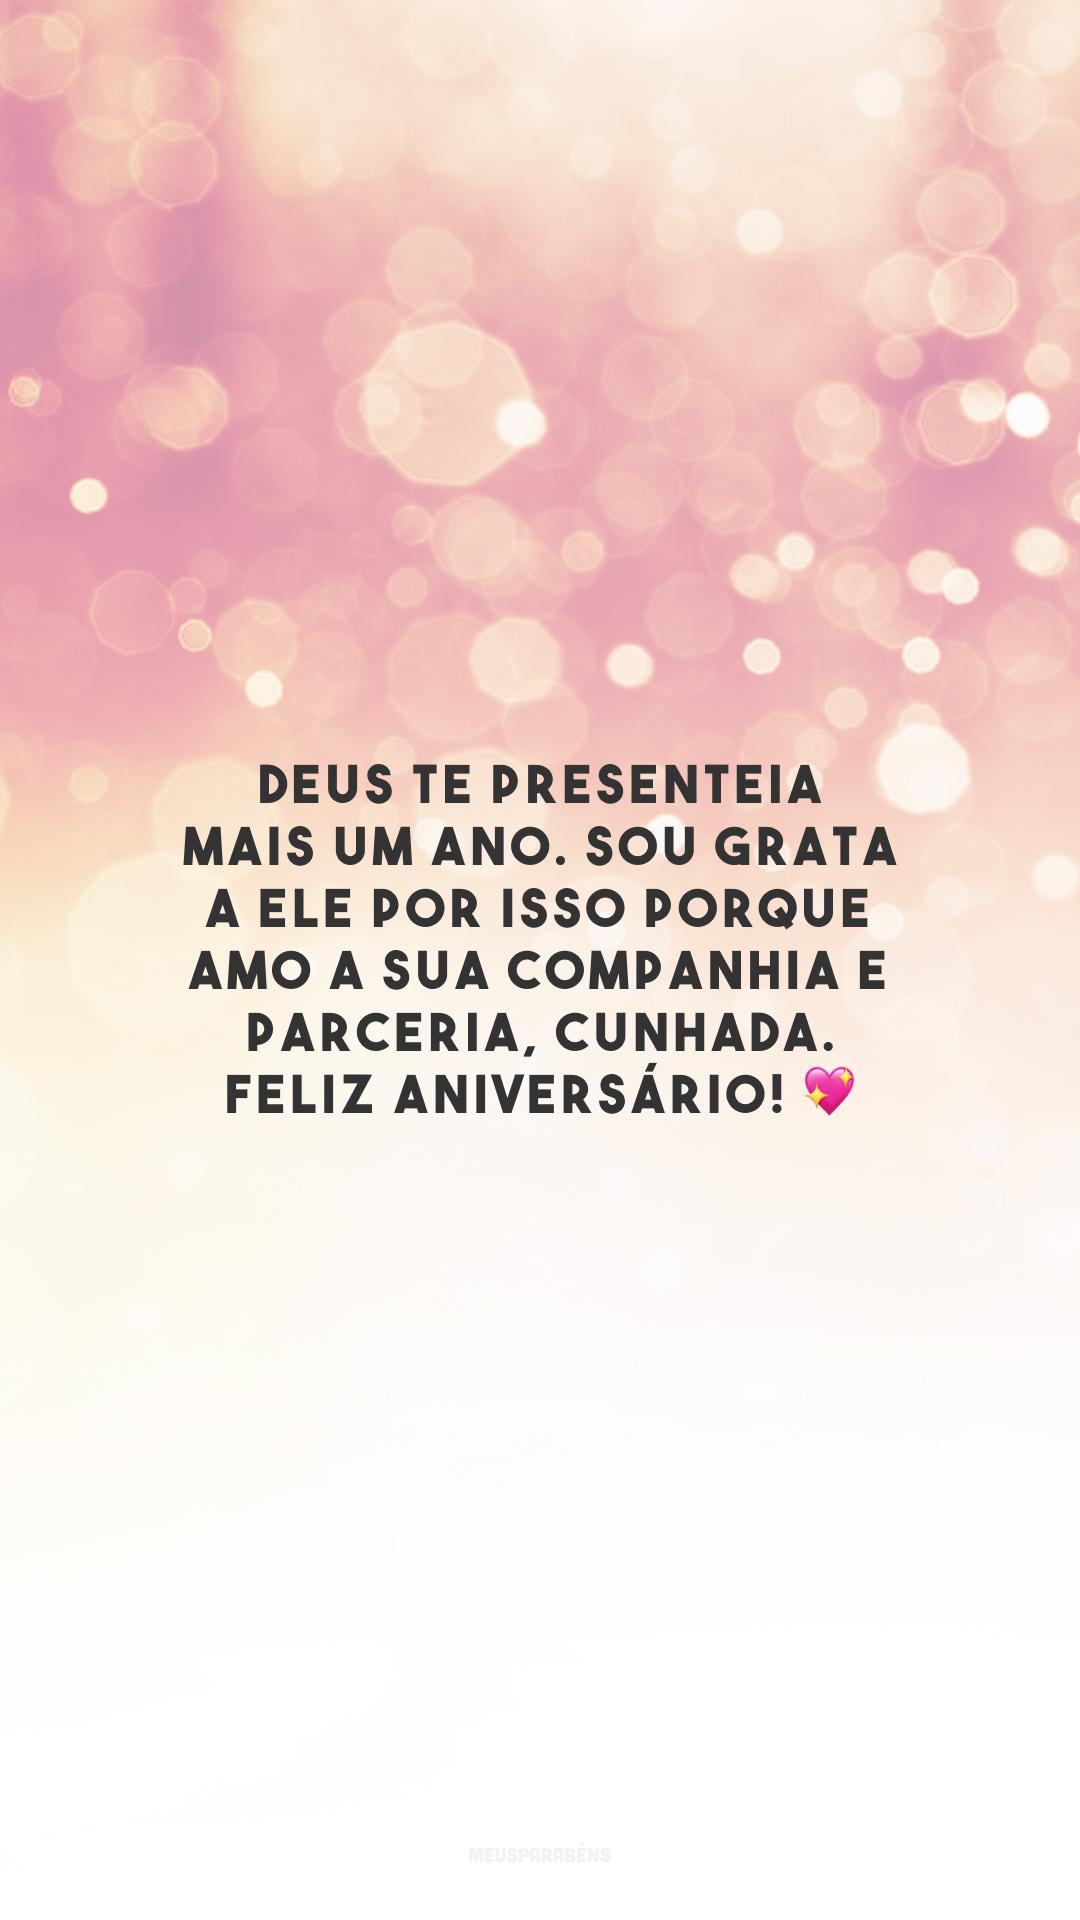 Deus te presenteia mais um ano. Sou grata a Ele por isso porque amo a sua companhia e parceria, cunhada. Feliz aniversário! 💖